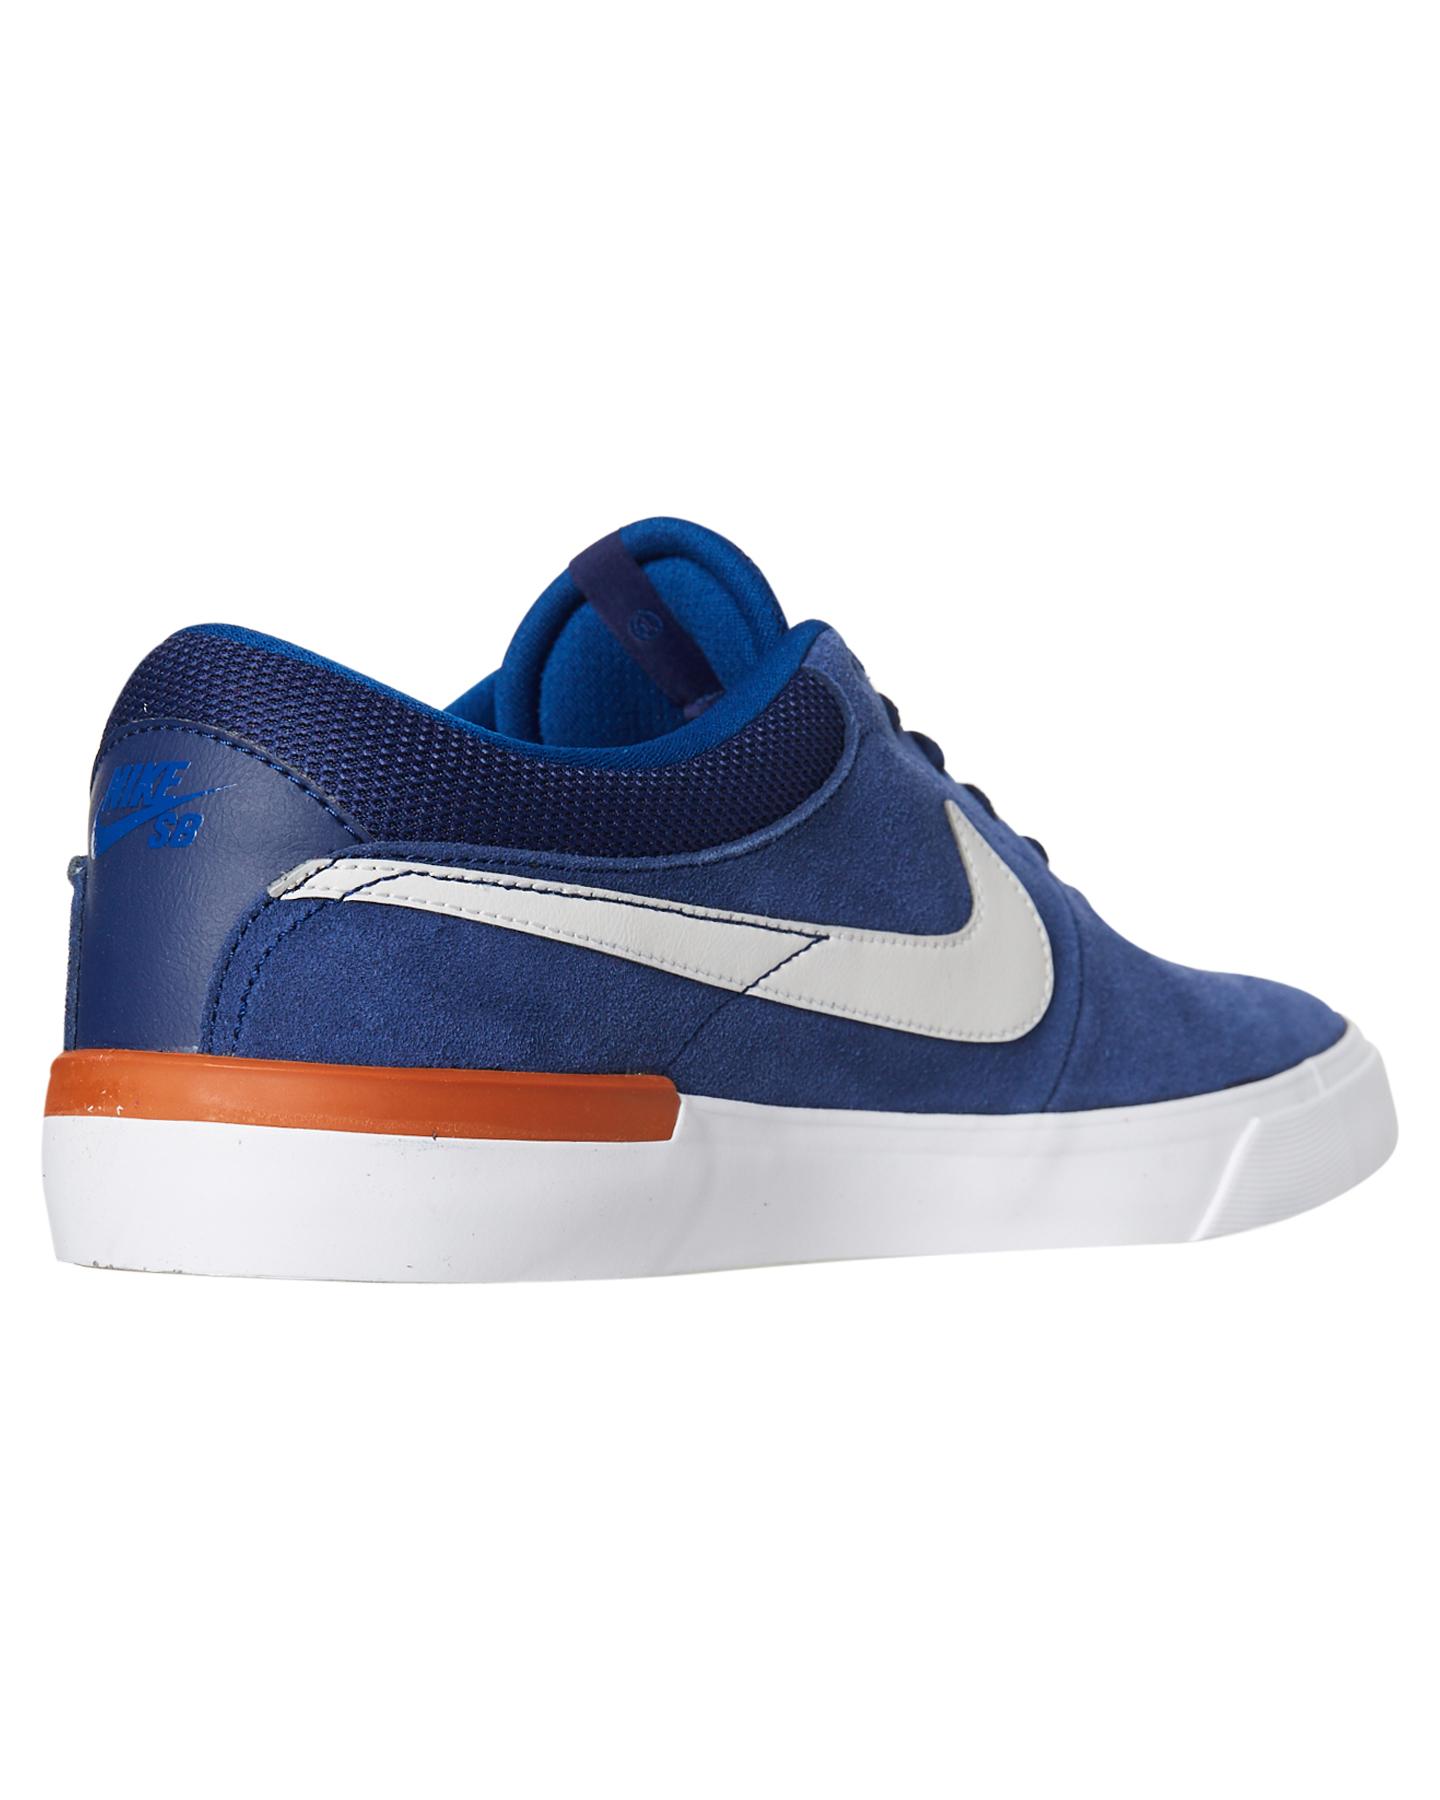 8ba1f157cacd ... BLUE VOID MENS FOOTWEAR NIKE SNEAKERS - 844447-400 ...